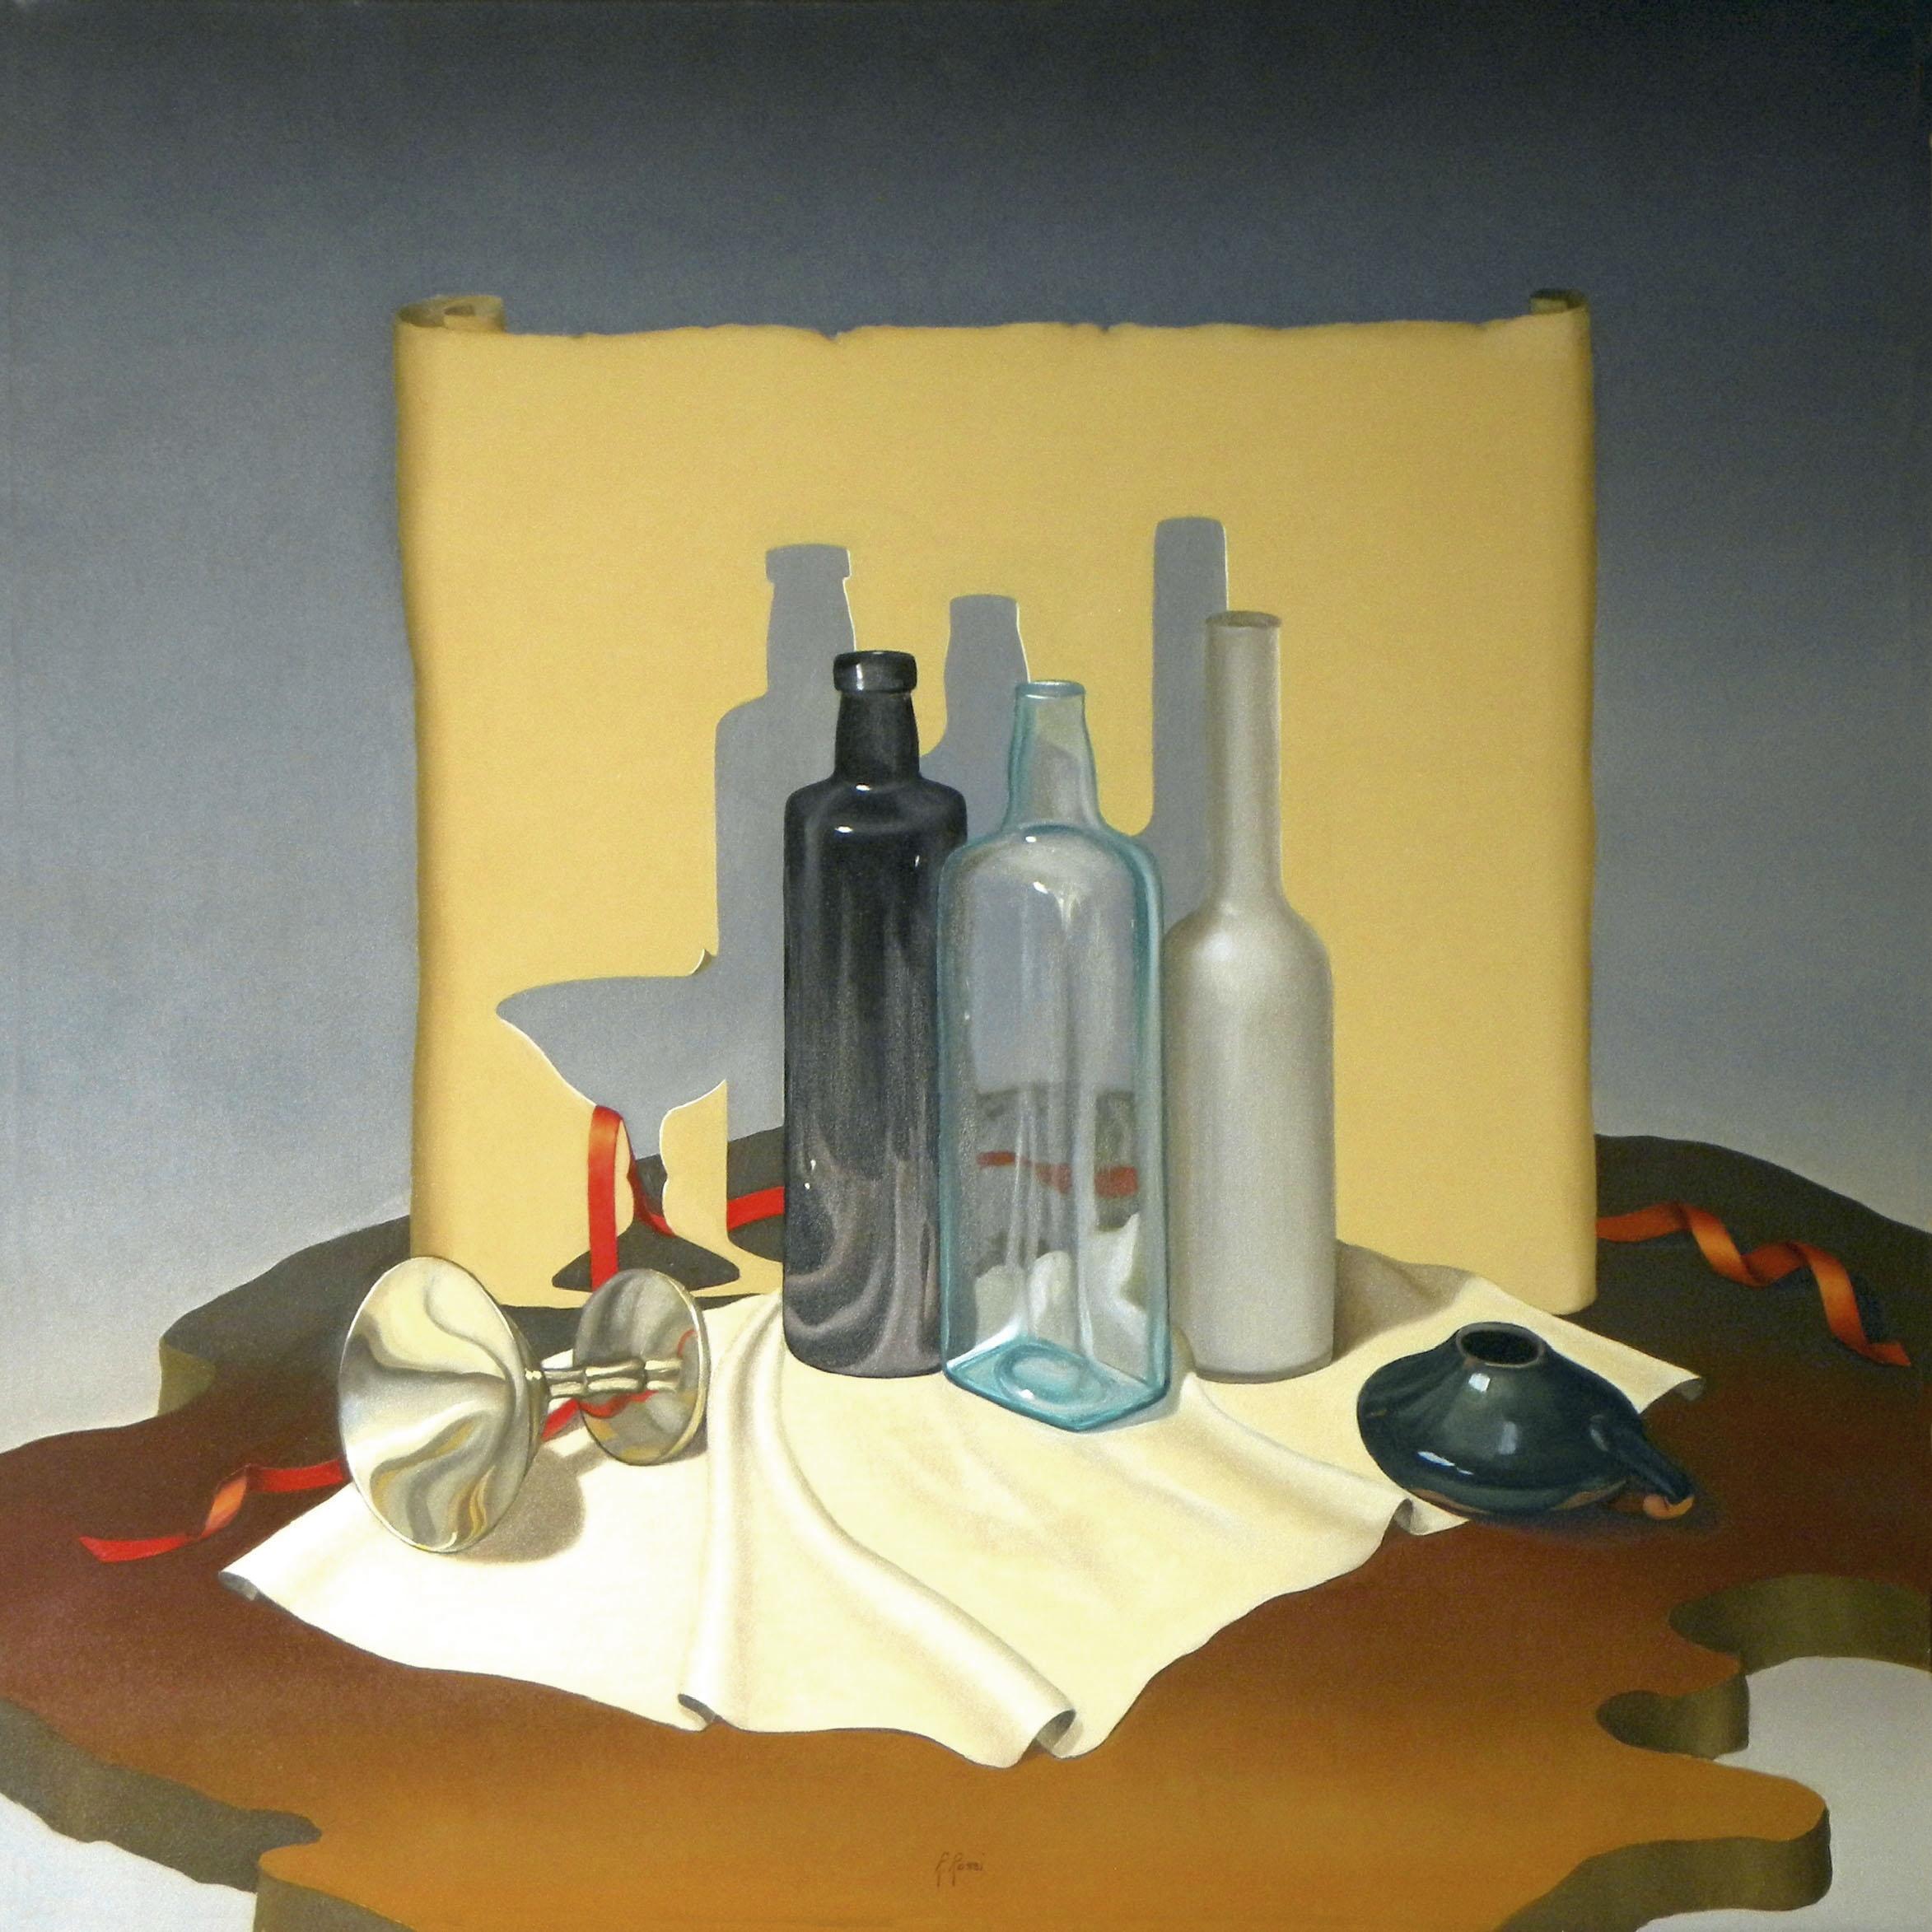 2006 roberta rossi - La coppa rovesciata - olio su tela - 70 x 70